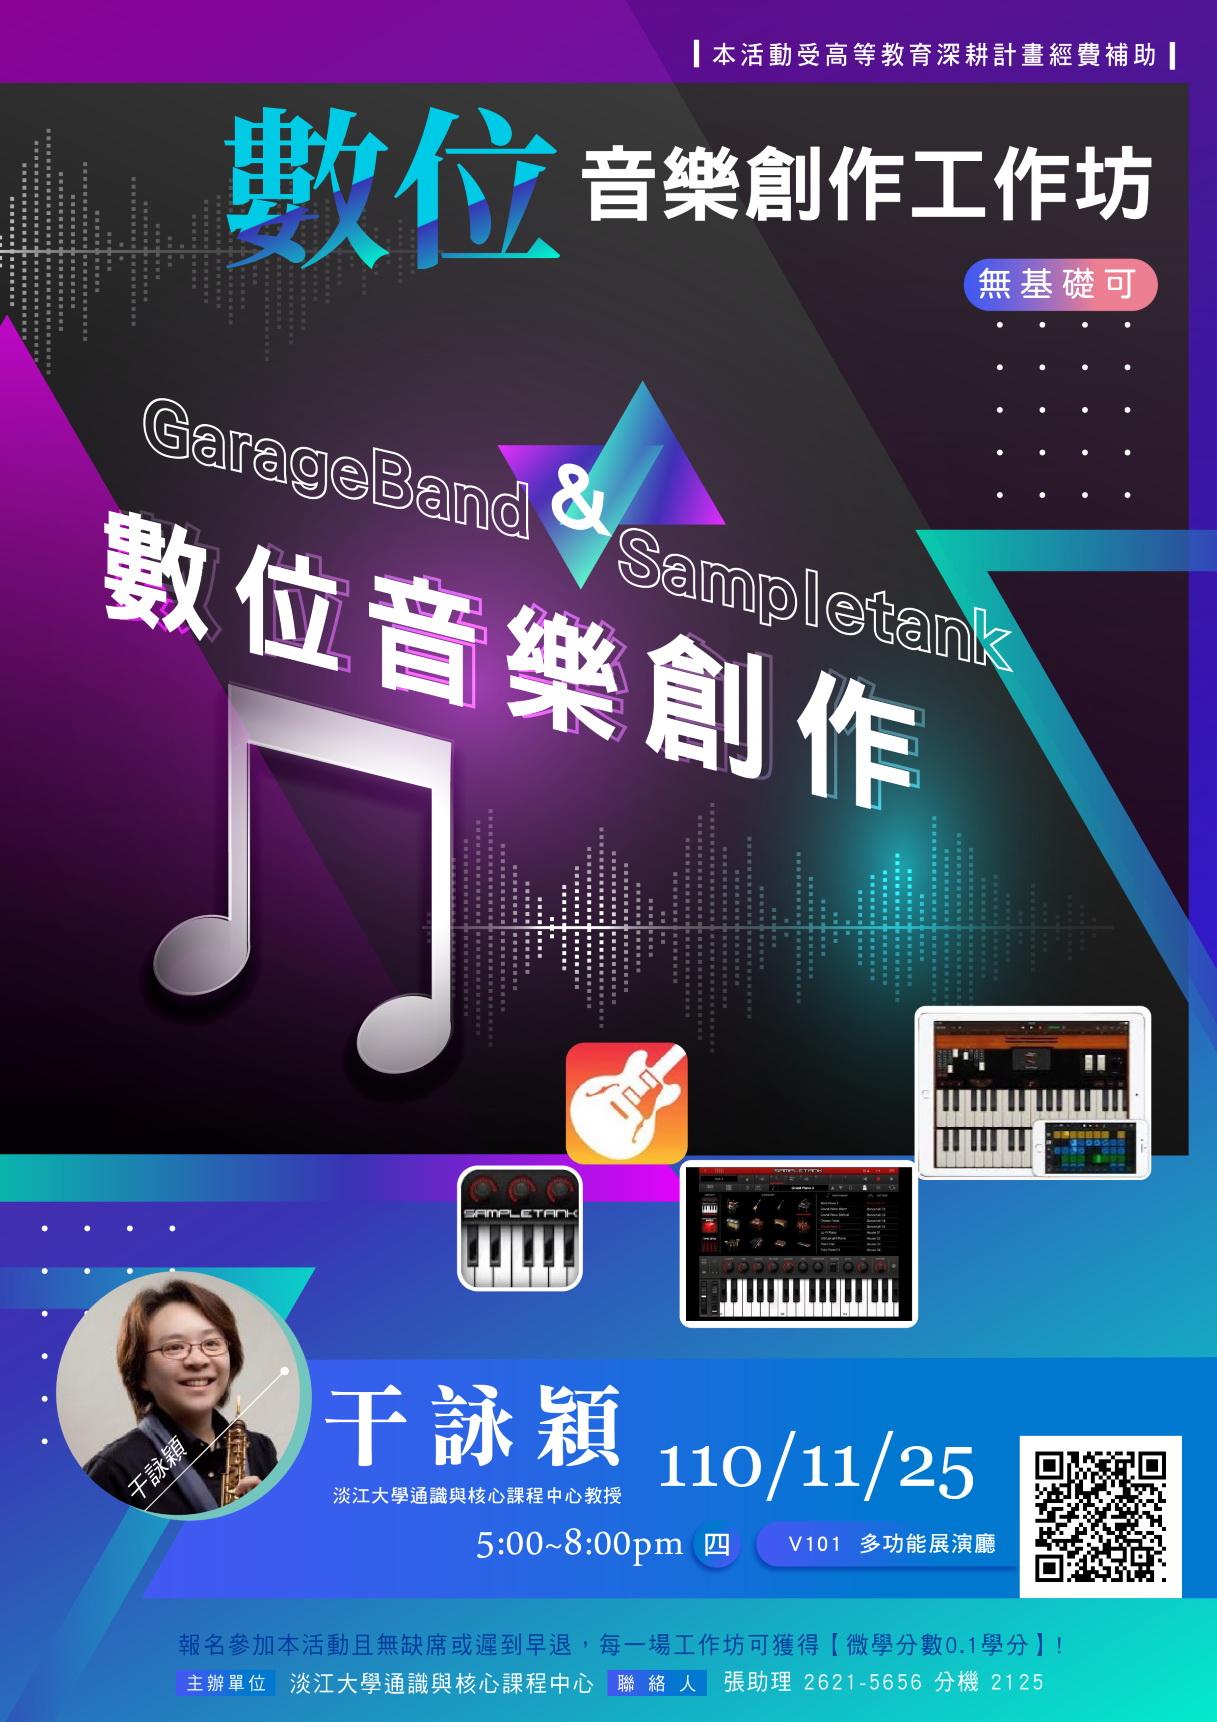 活動海報:nk數位音樂創作工作坊-GarageBand 和Sampleta 數位音樂創作